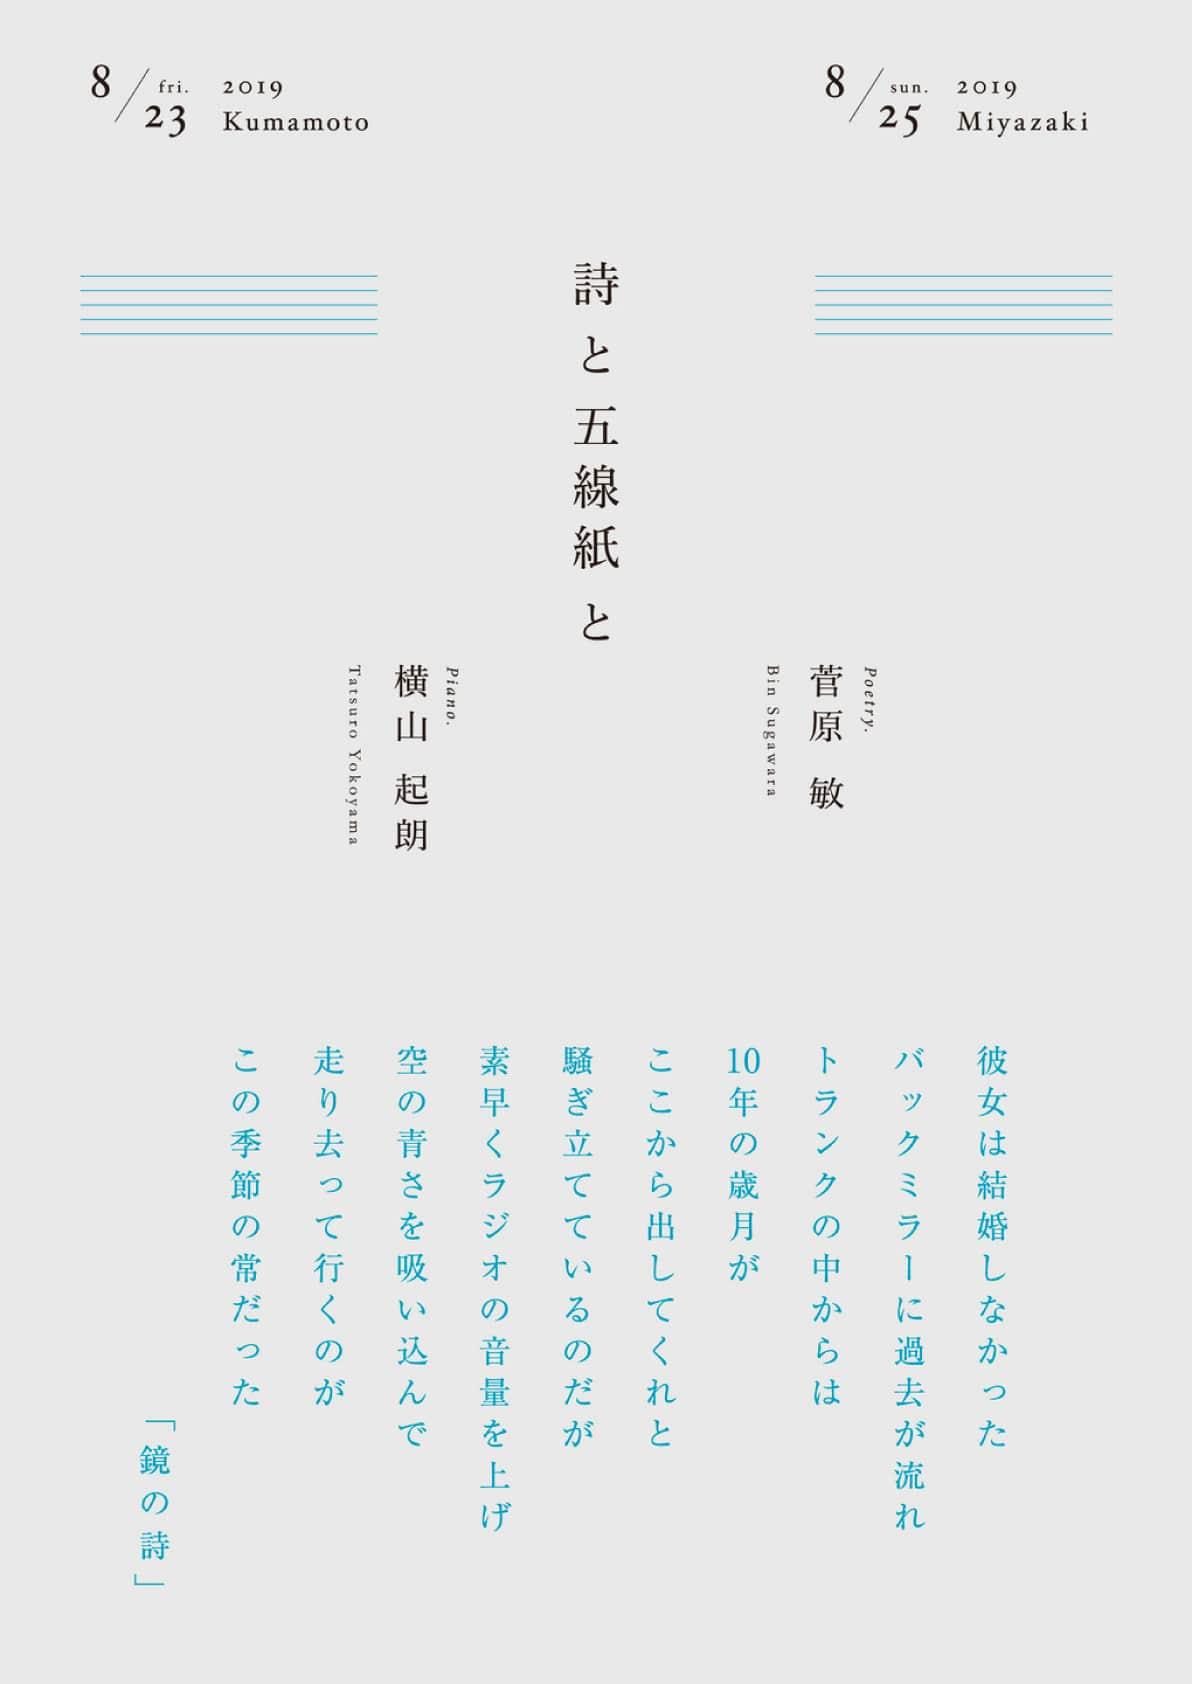 詩と五線紙とチラシ1